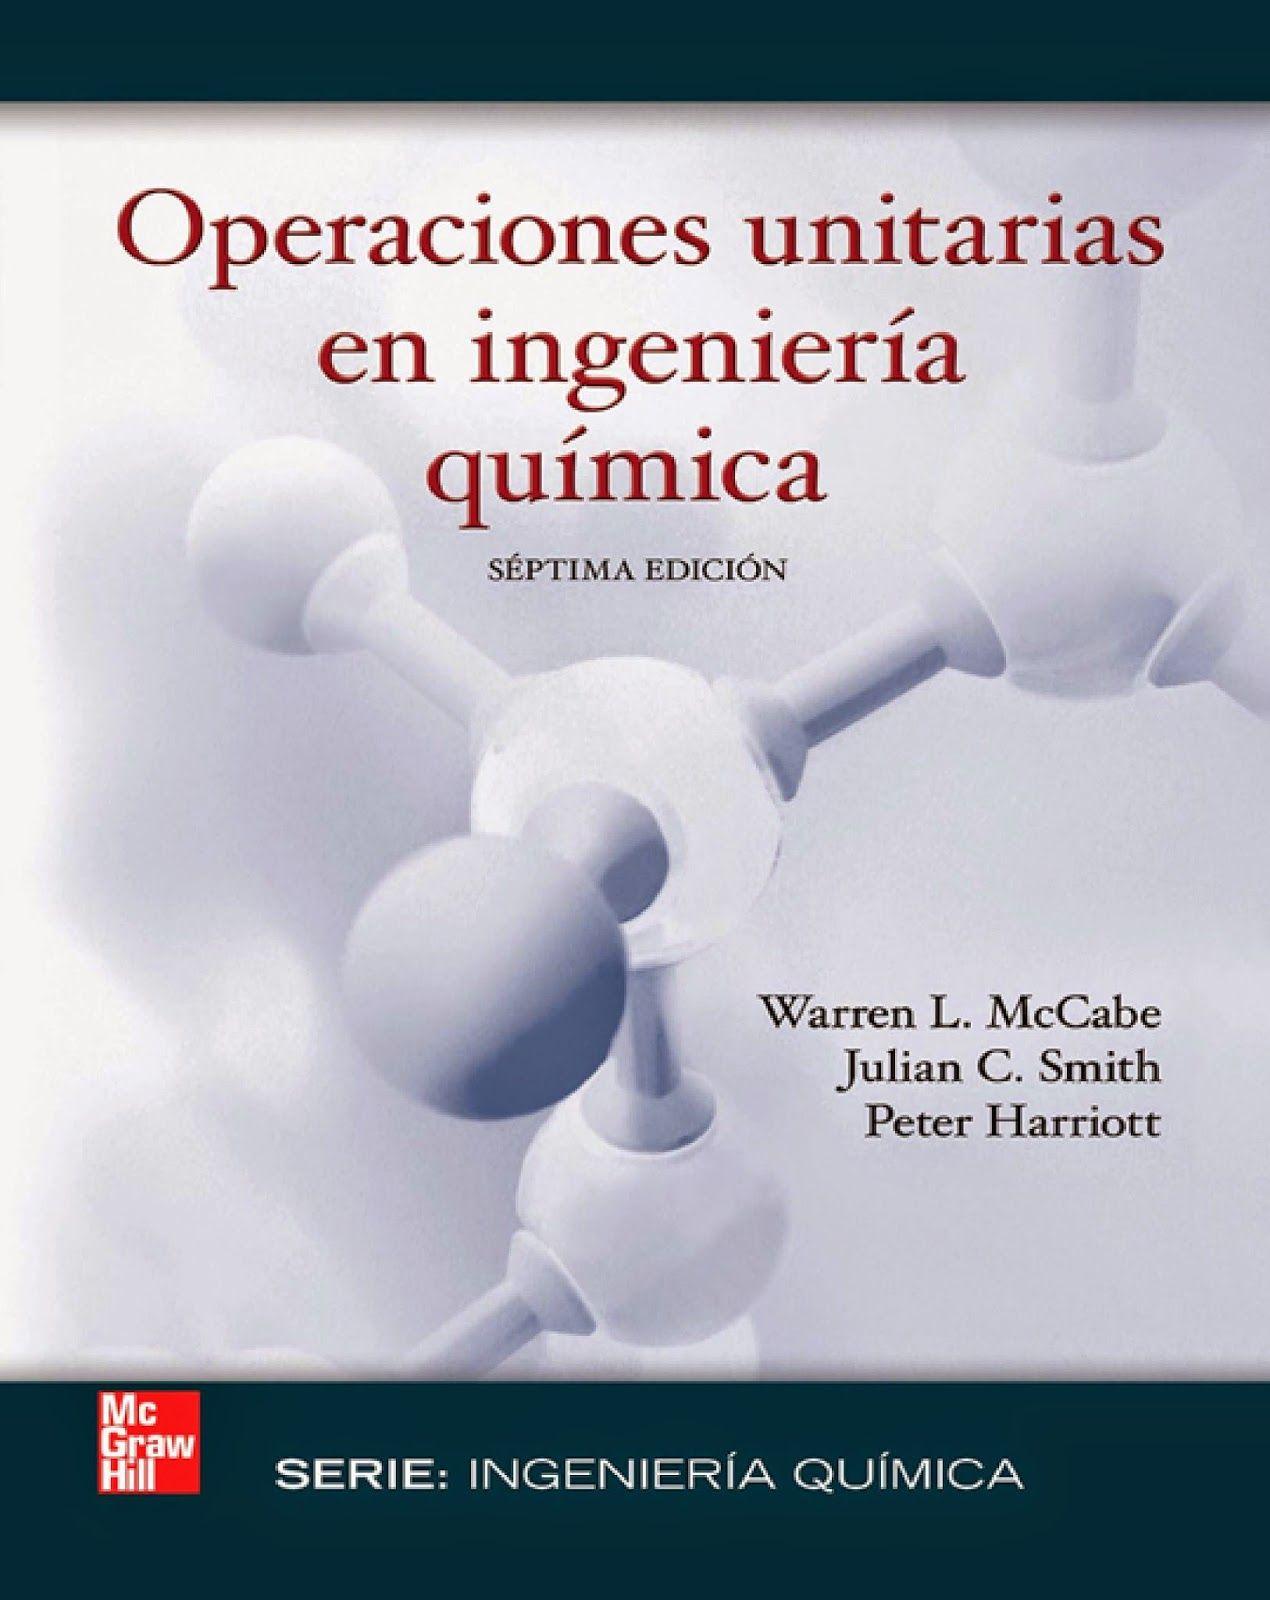 Operaciones Unitarias en Ingeniera Qumica 7ma Edicin  Warren